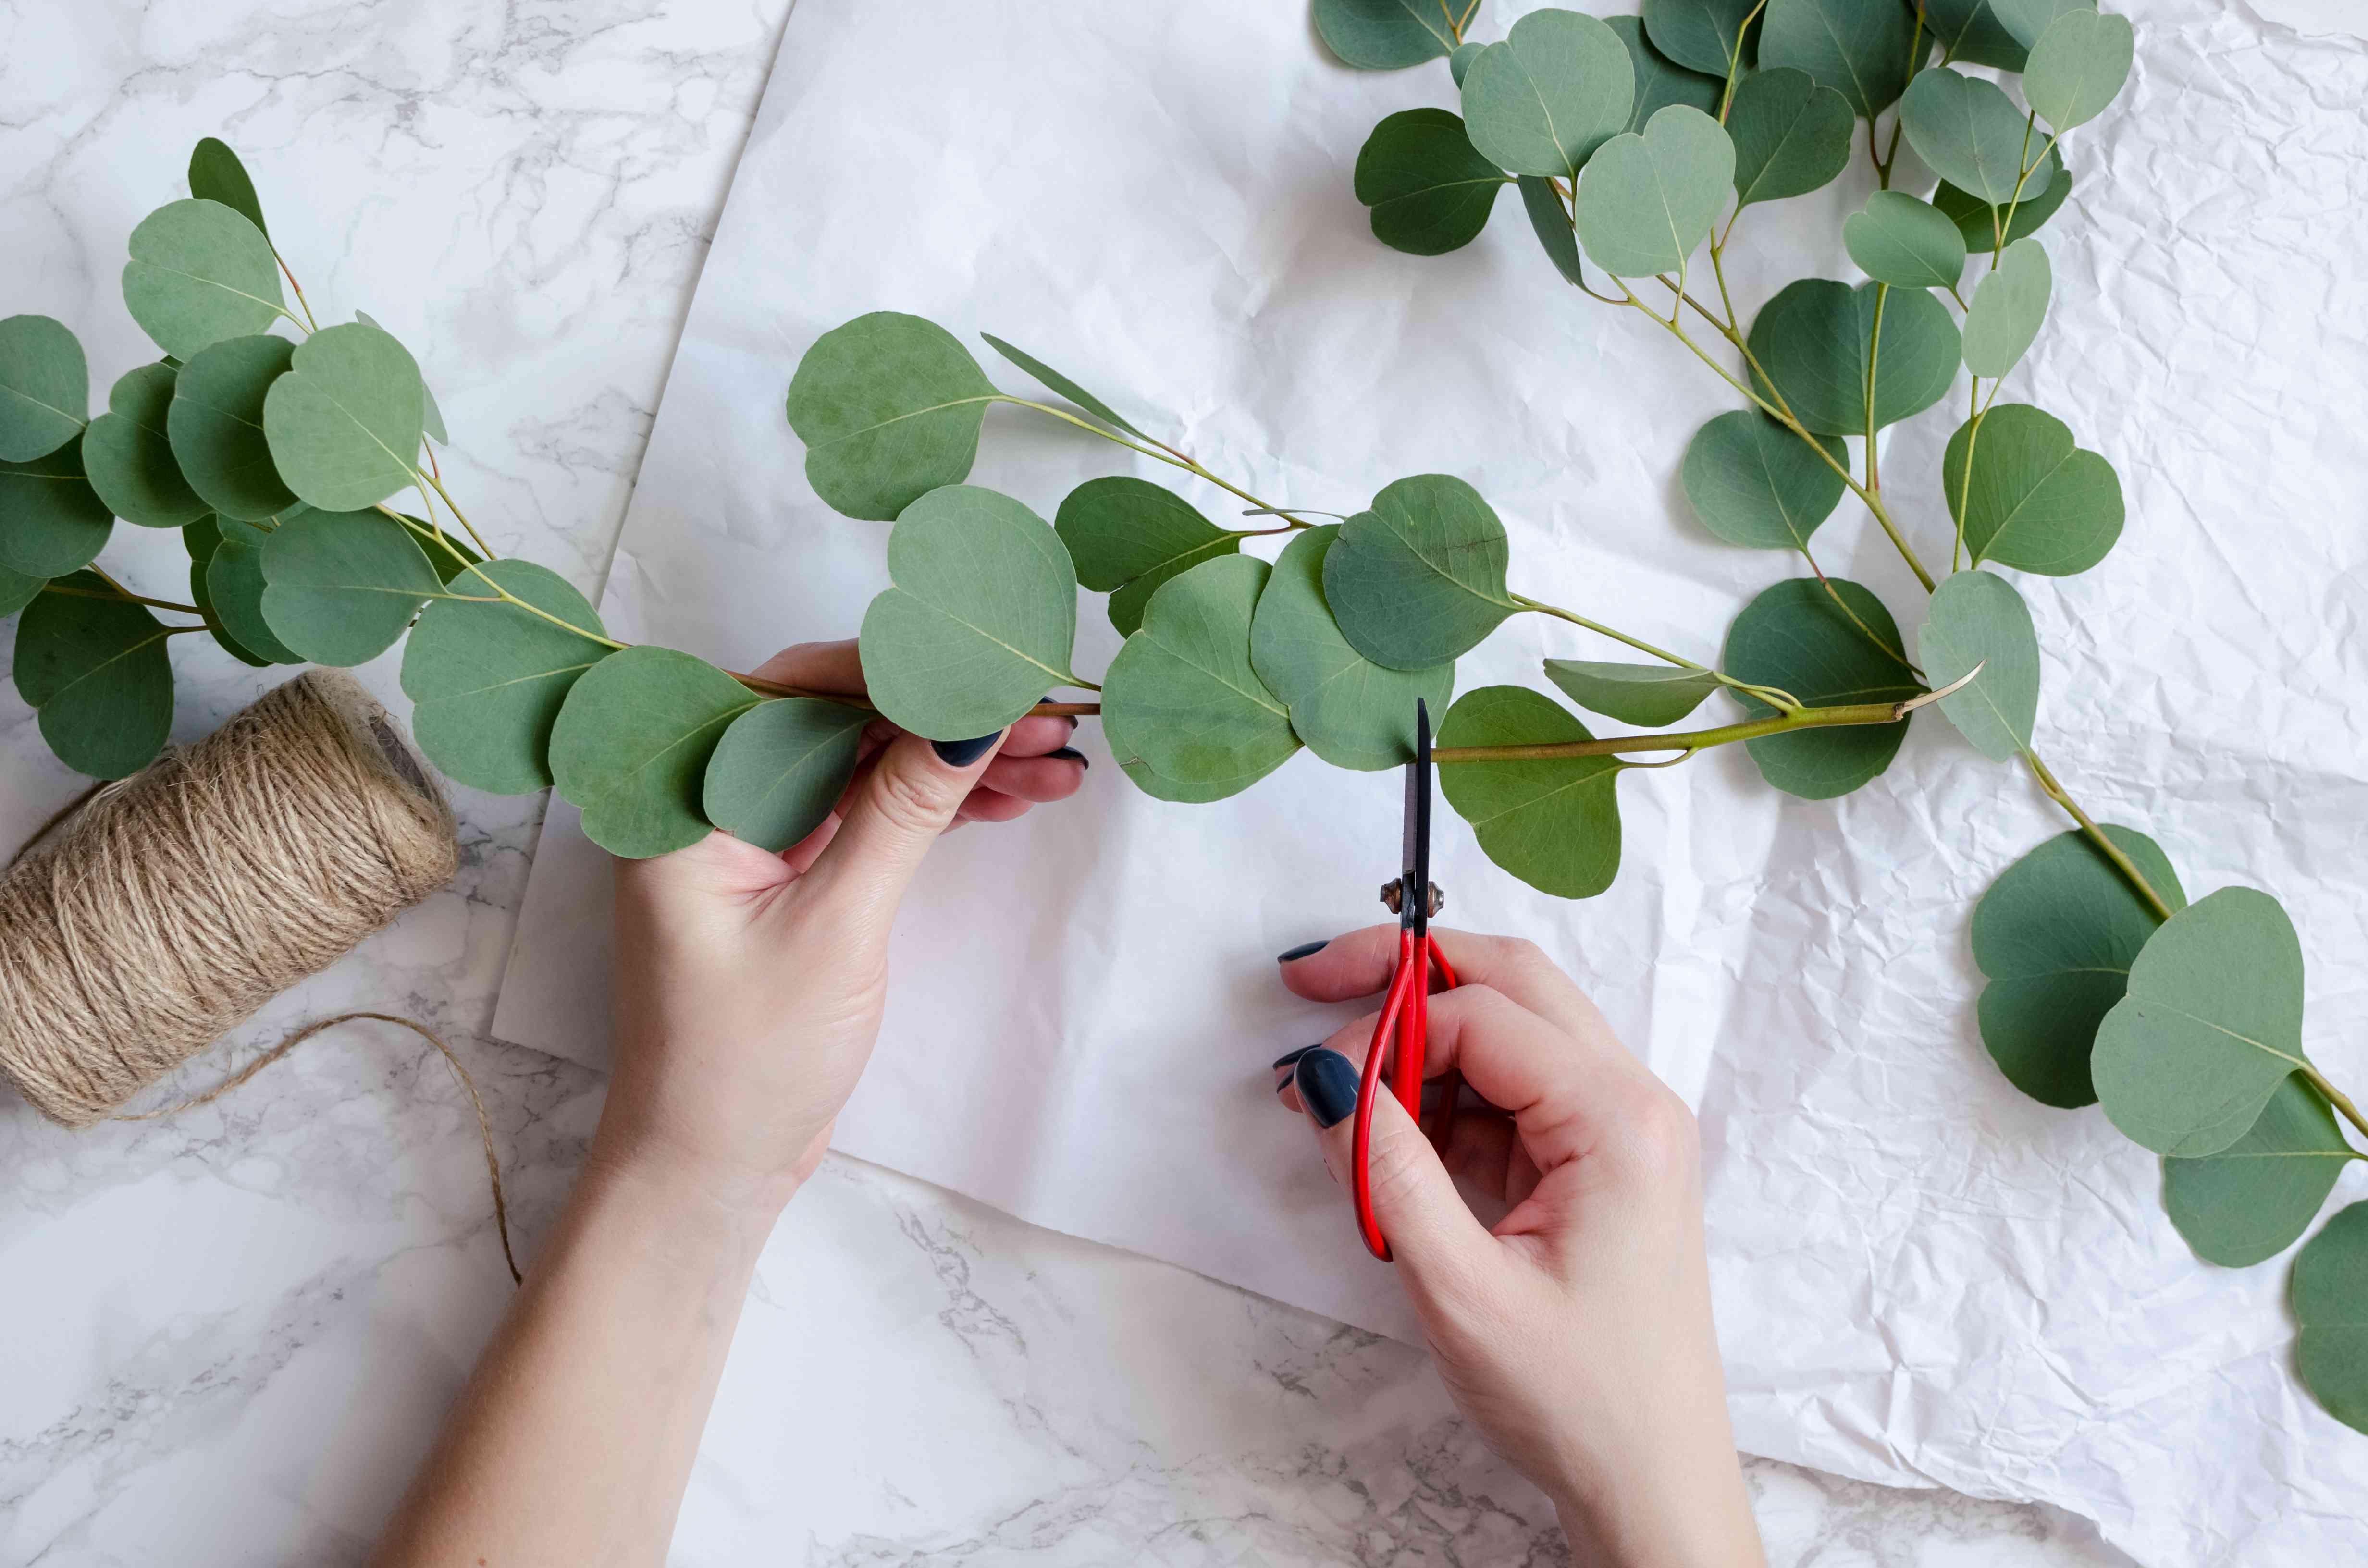 Florist hands make eucalyptus bouquet